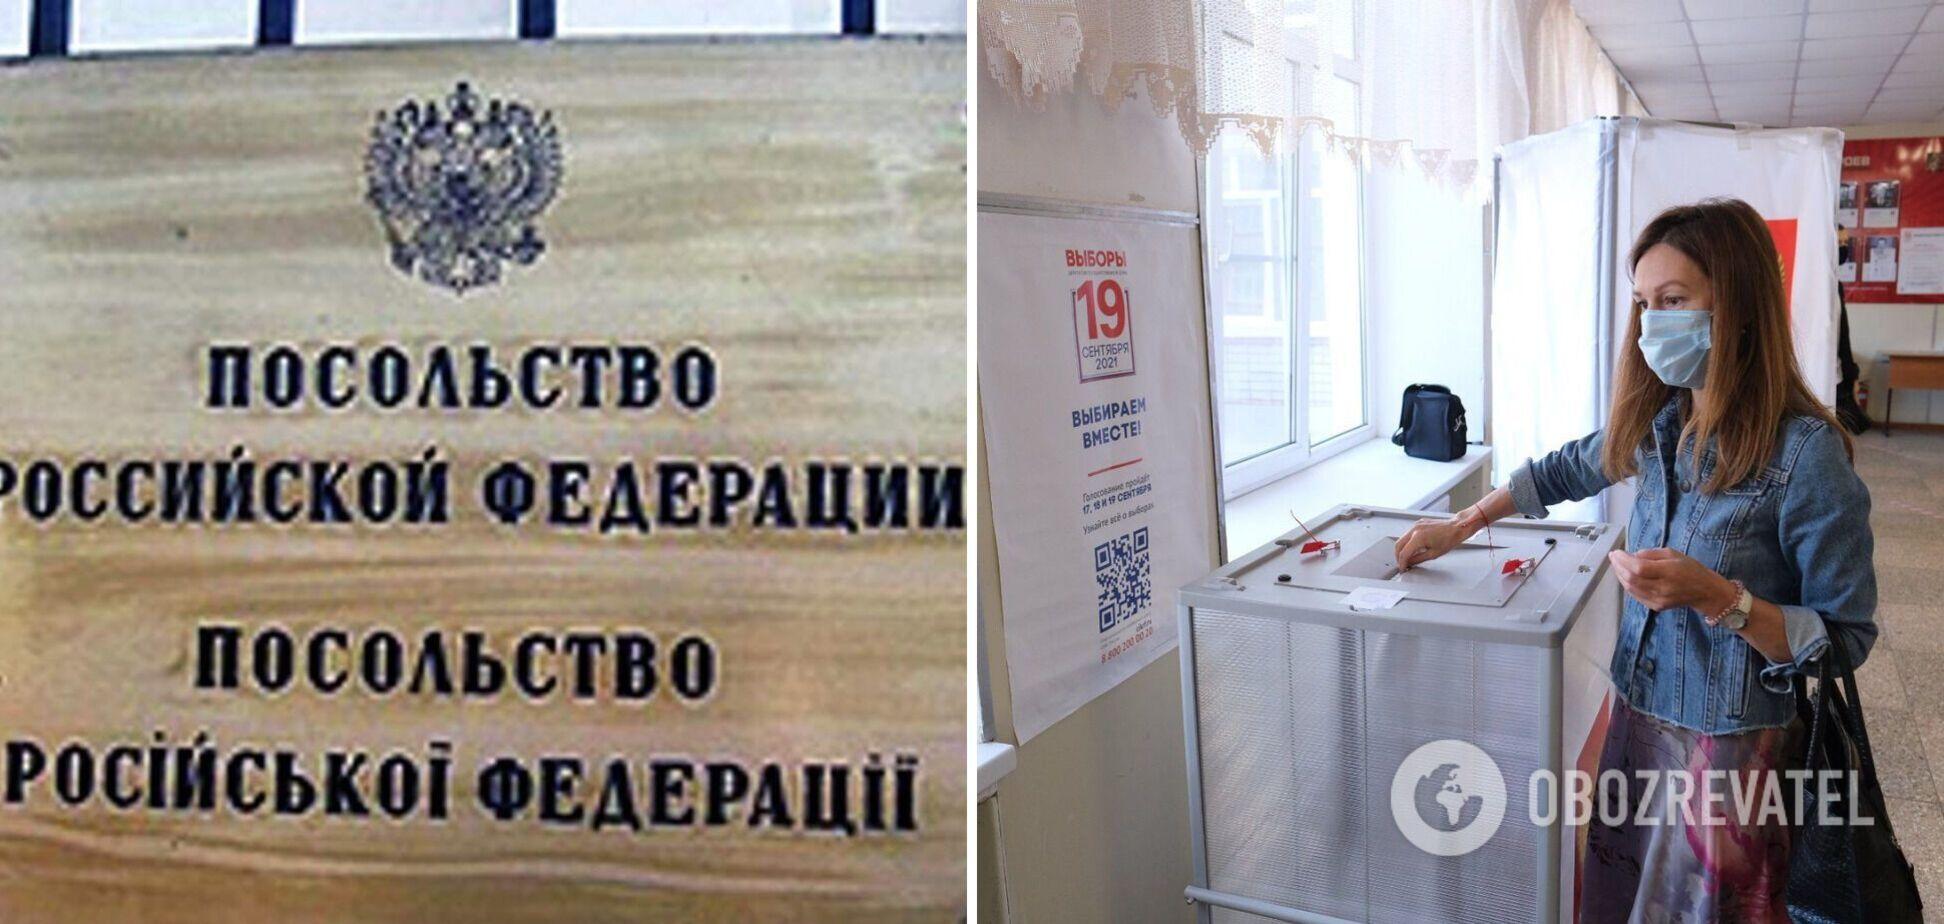 Почему в Украине разрешили голосовать на выборах в Госдуму РФ: появился ответ властей